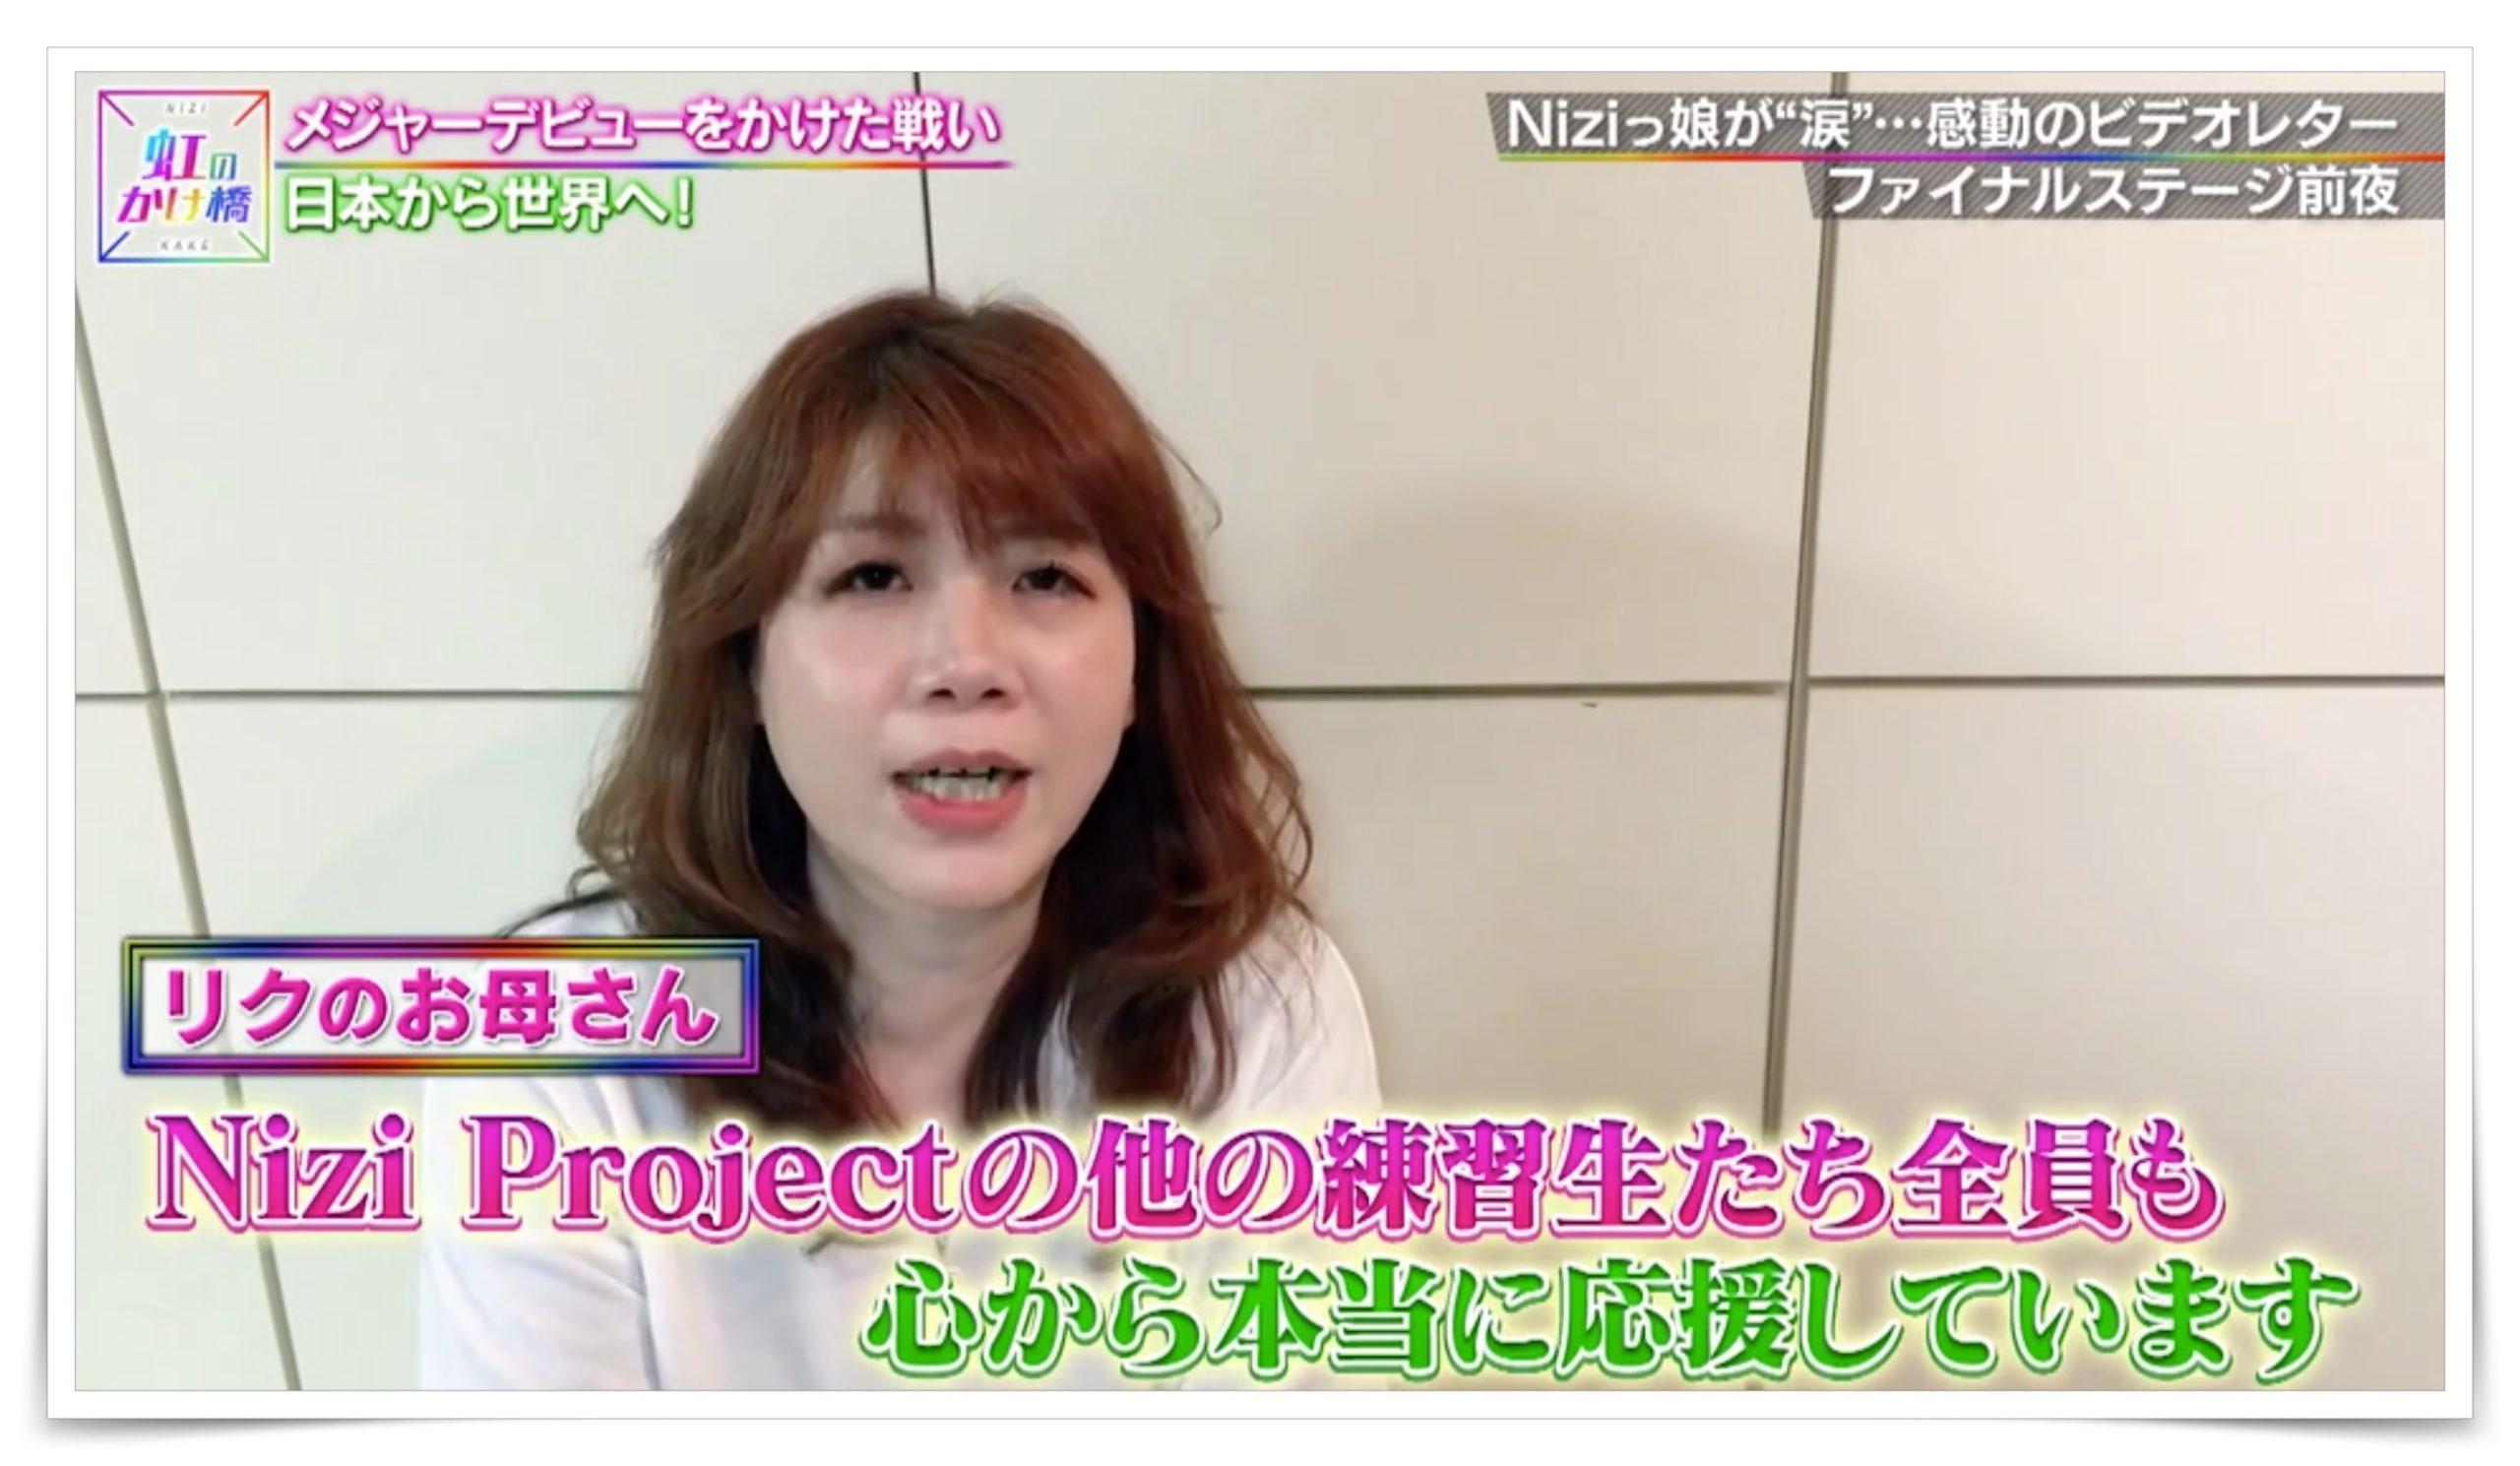 虹プロジェクトメンバーの親の画像